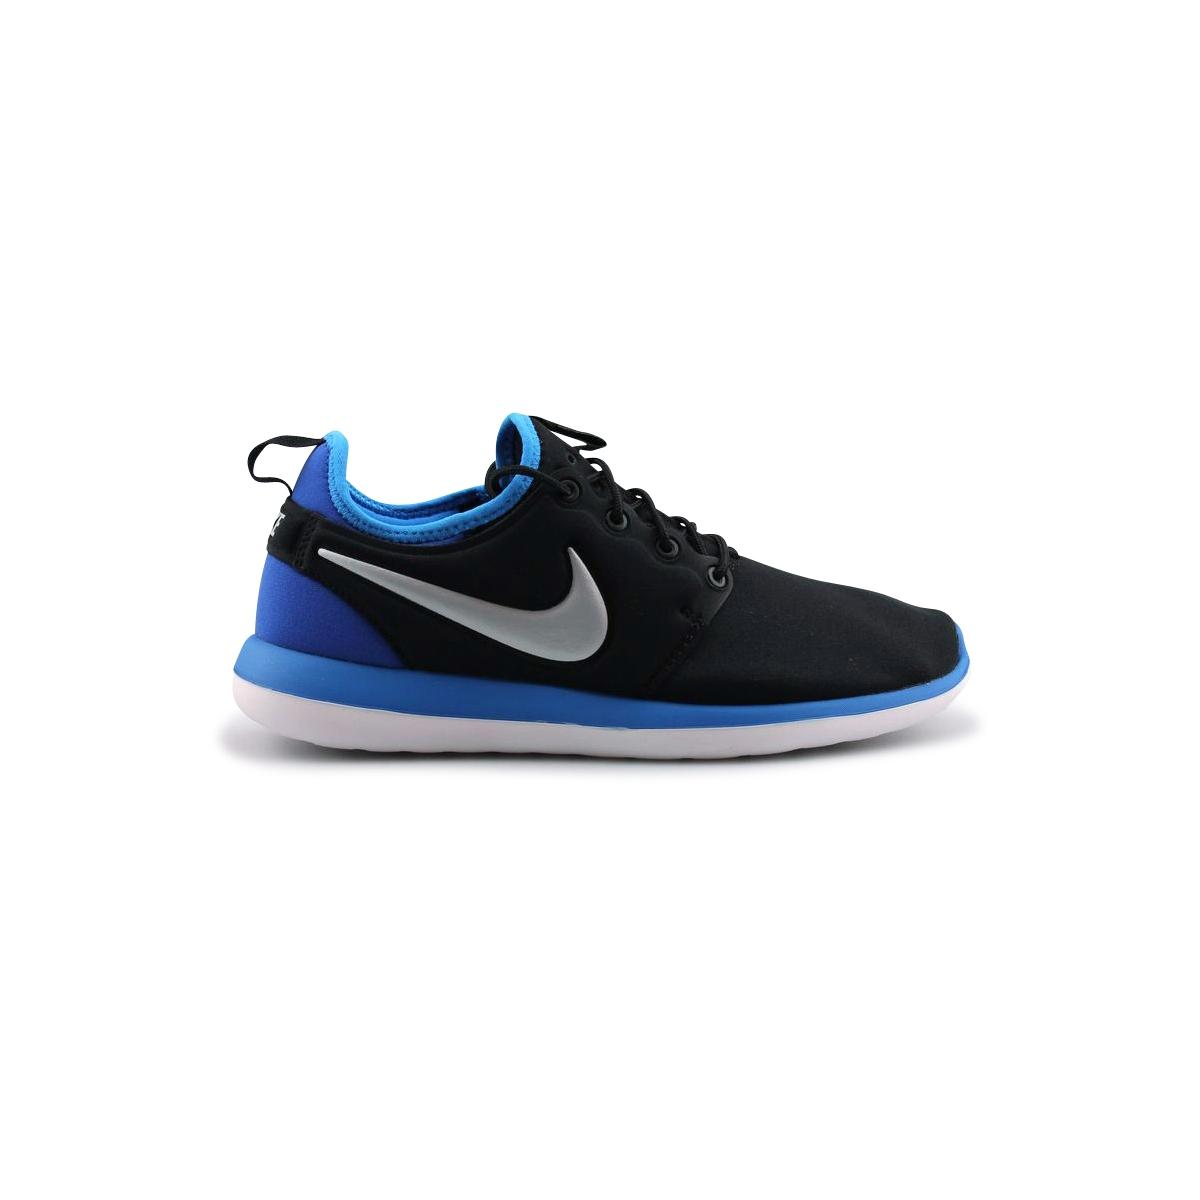 Homme Baskets basses Nike Roshe Two Junior 844653 002 Noir